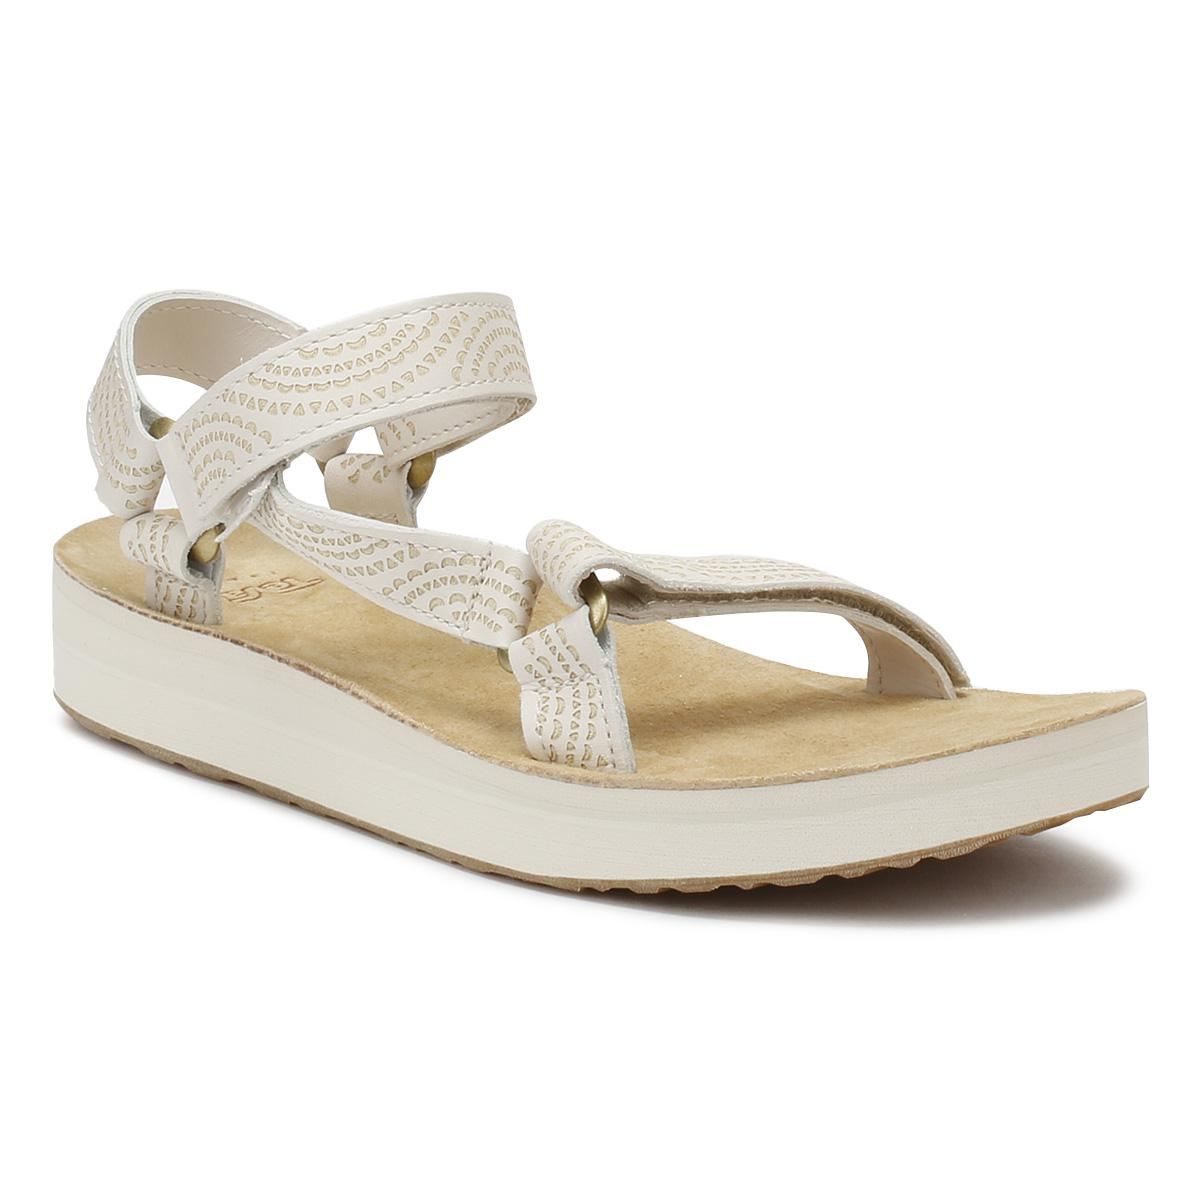 227b0812e Lyst - Teva Womens Birch Beige Midform Universal Geometric Sandals